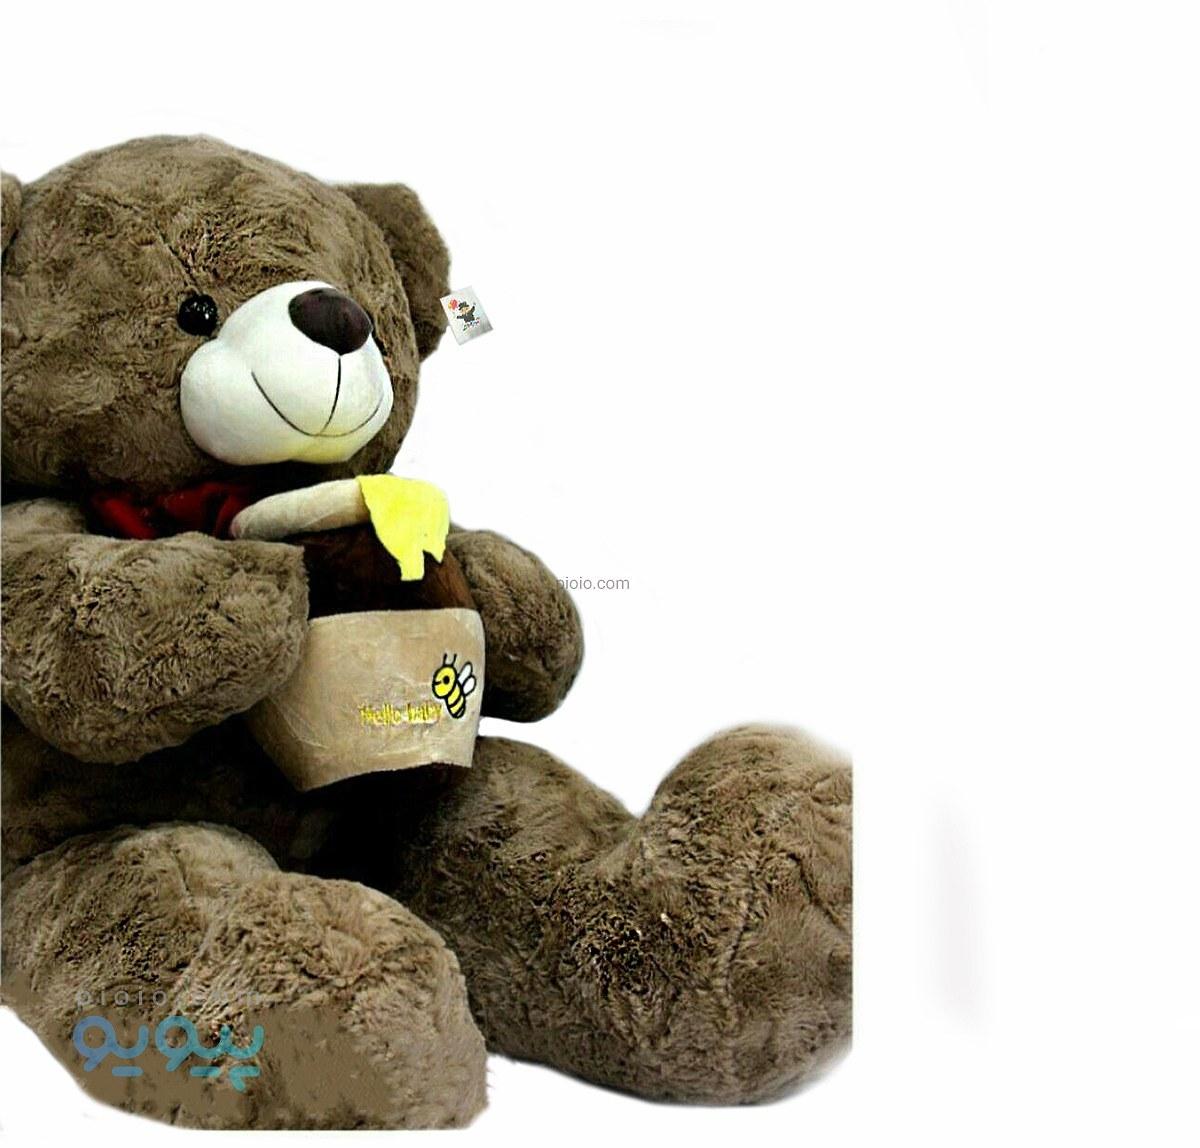 عروسک خرس بزرگ با ظرف عسل |